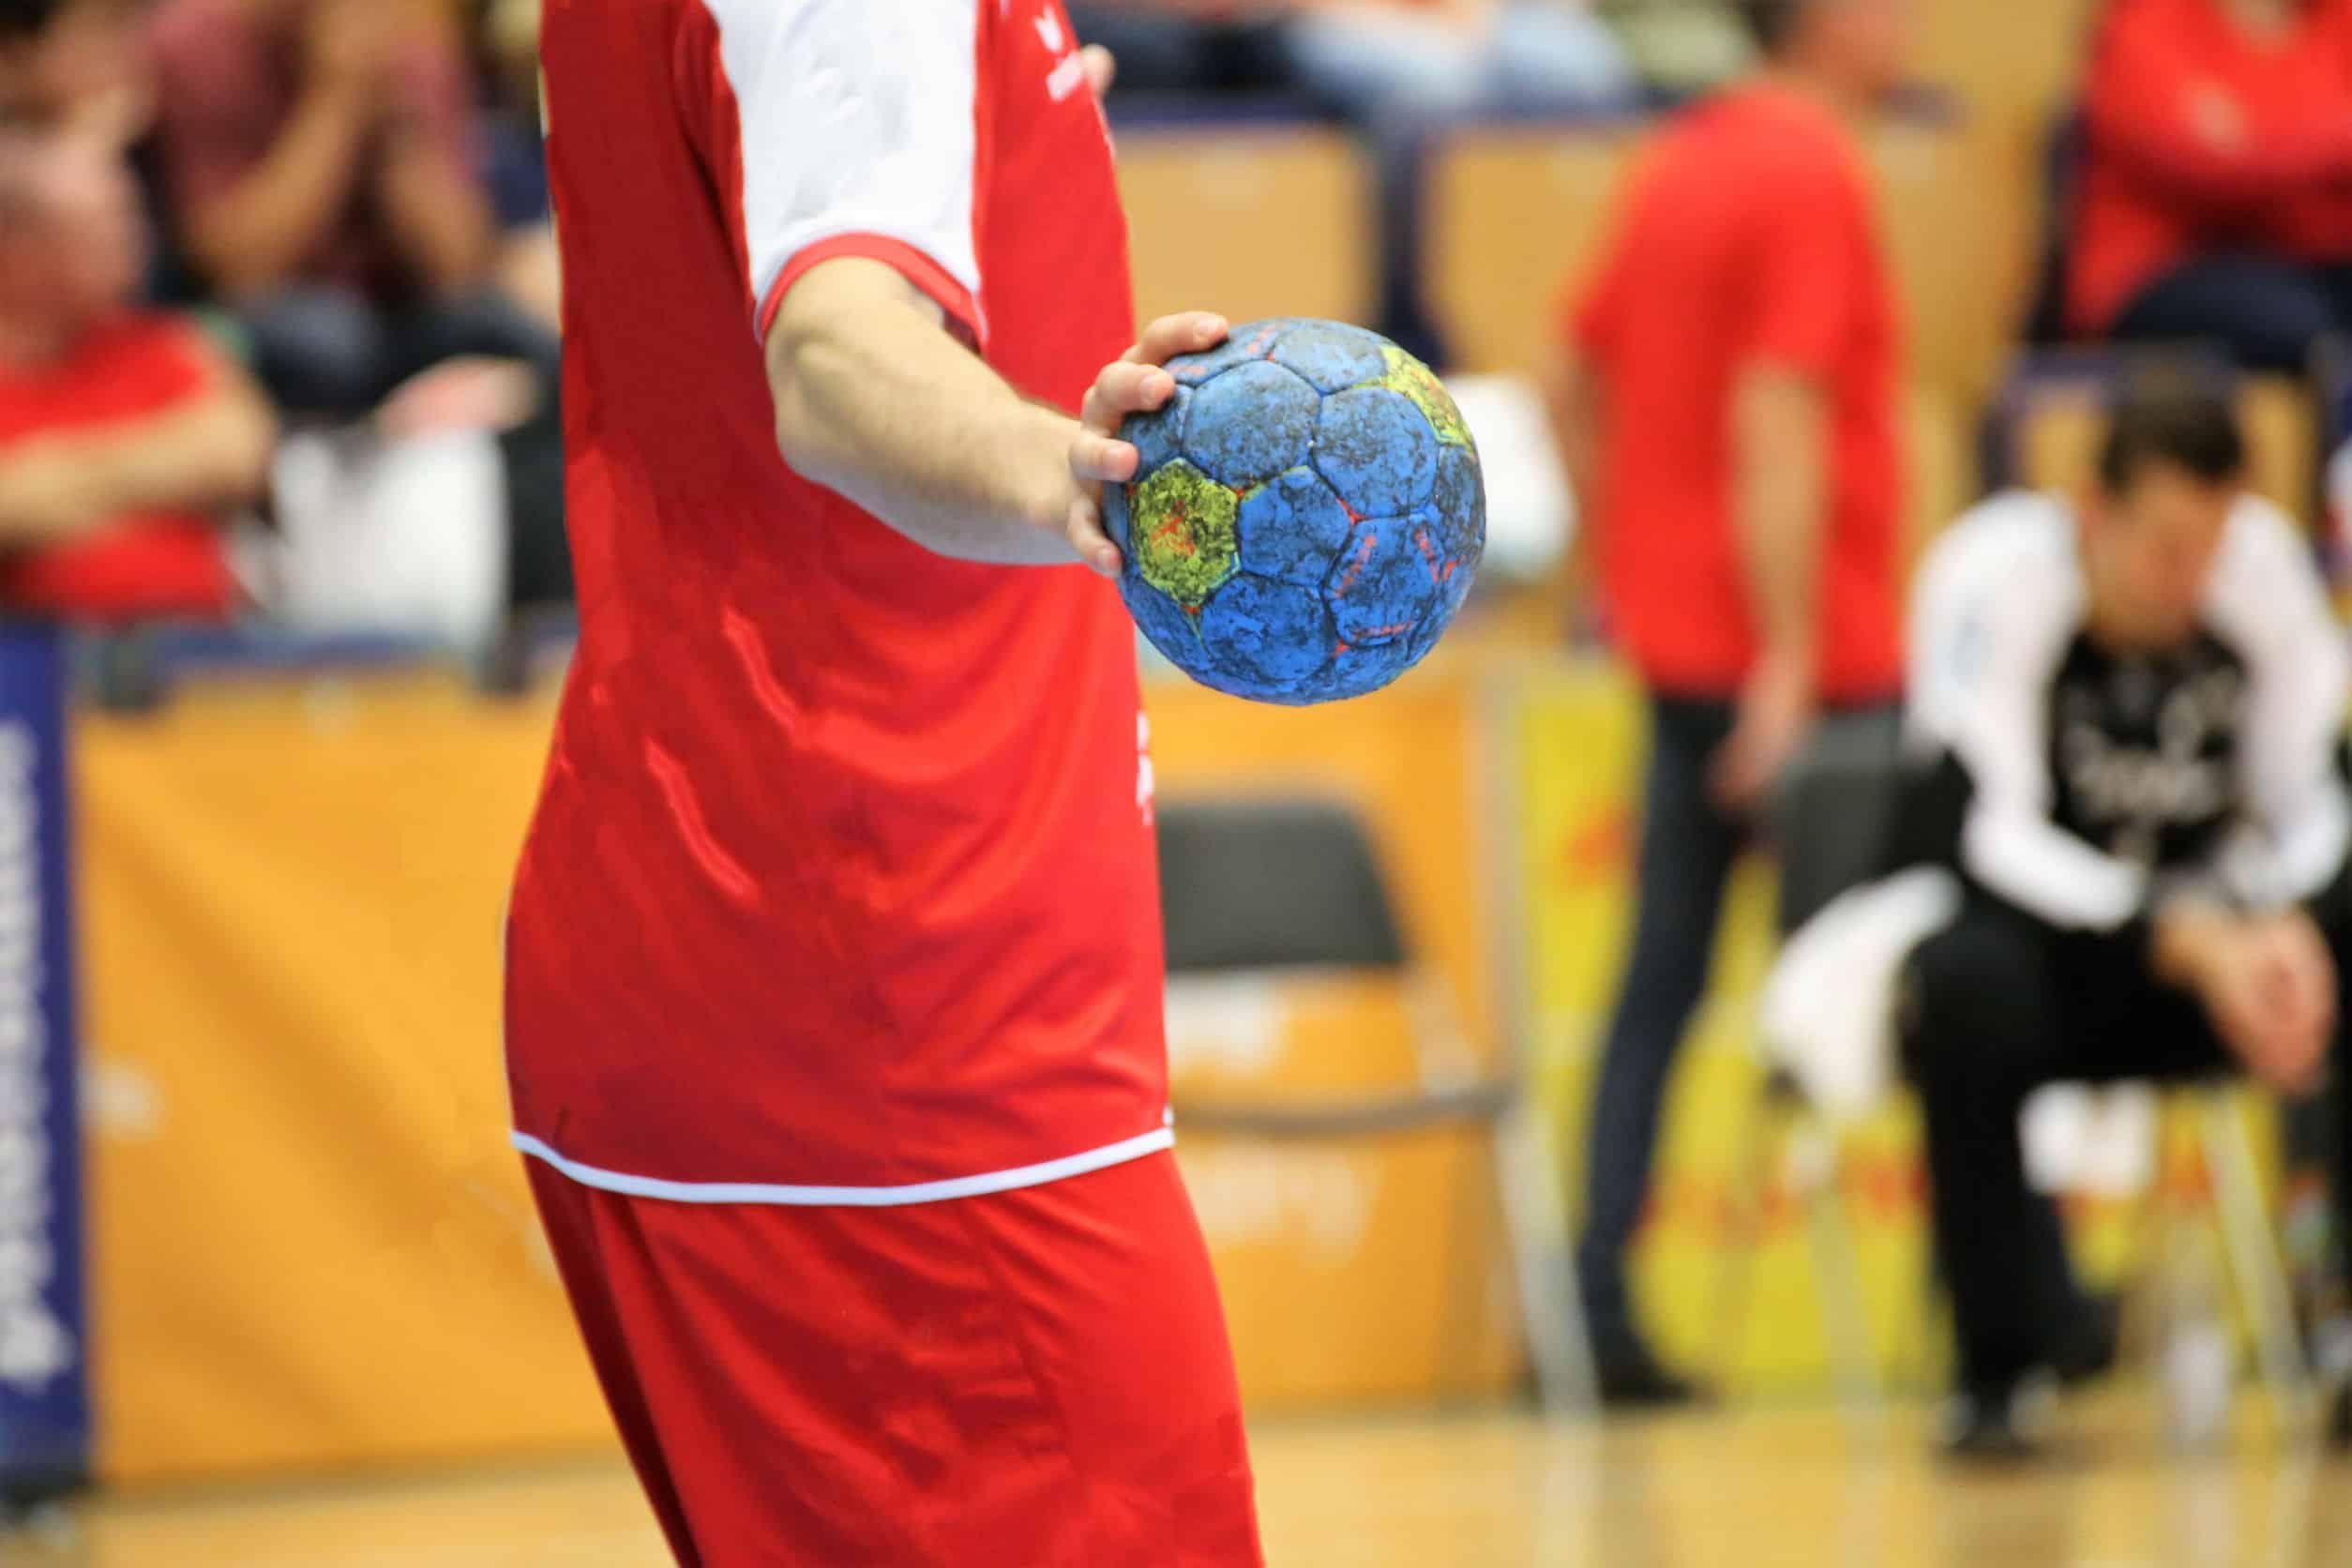 Imagem de um jogador segurando uma bola de handebol. A imagem não mostra sua cabeça.